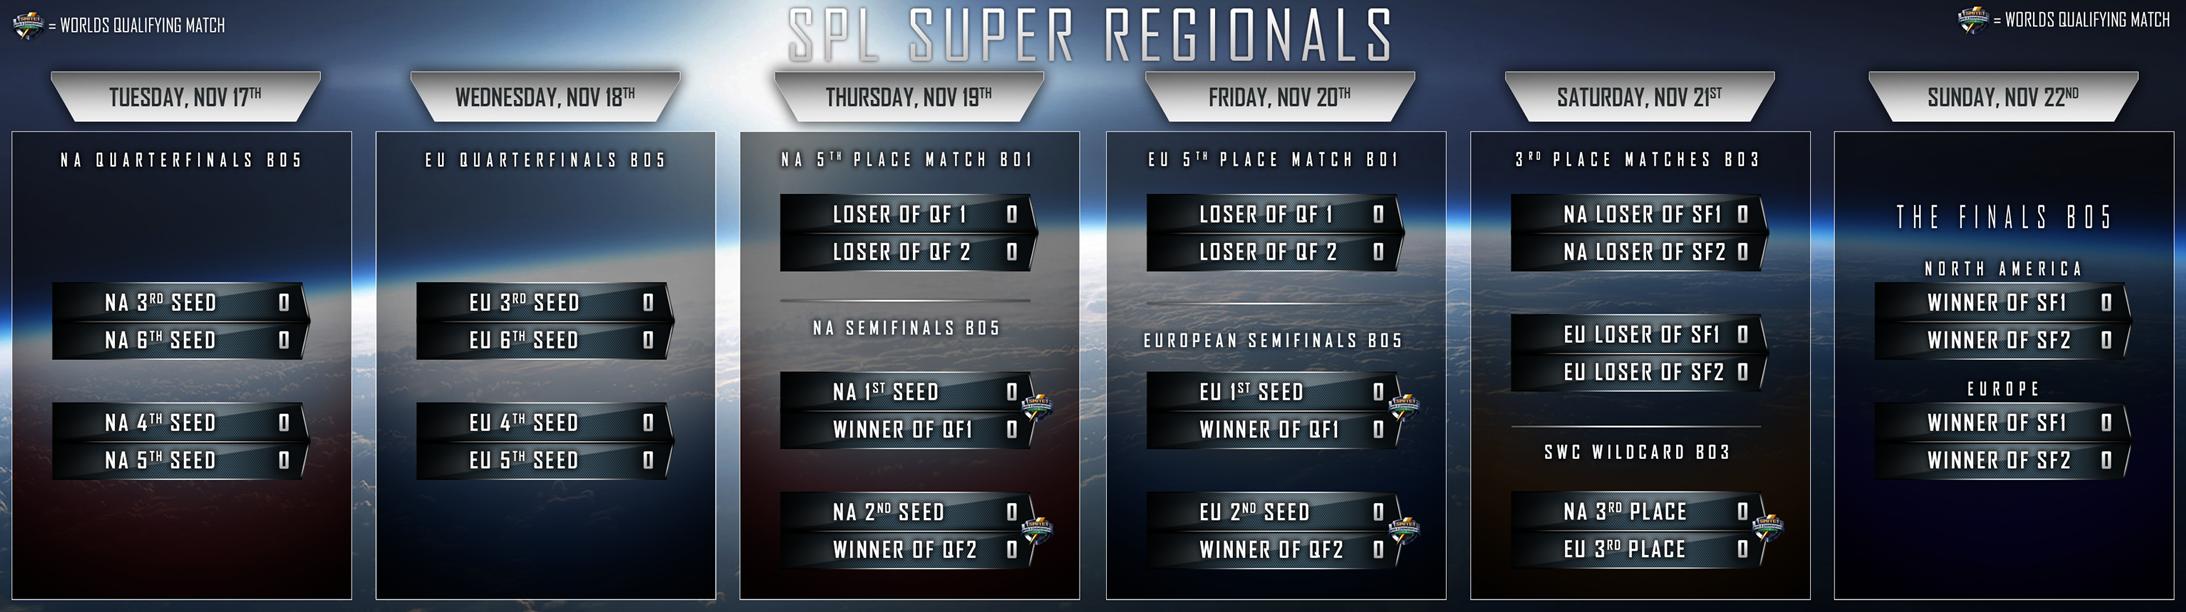 Super Regionals Bracket Schedules